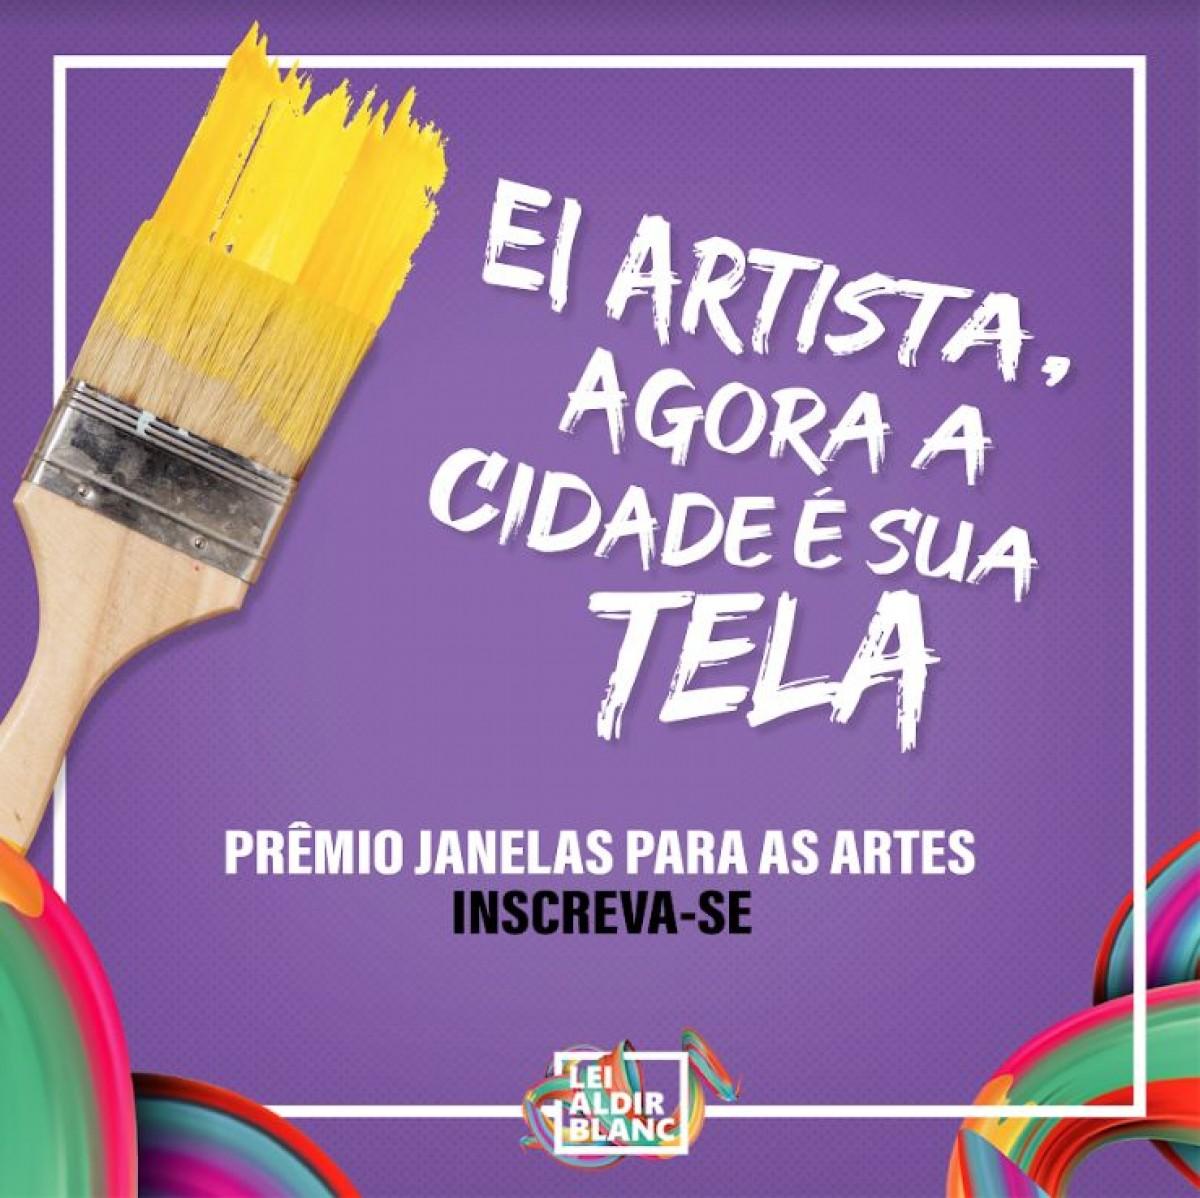 Telas de arte serão multiplicadas nos espaços públicos e privados de Aracaju através do Janelas para as Artes (Imagem: Divulgação/ Secom Aracaju)